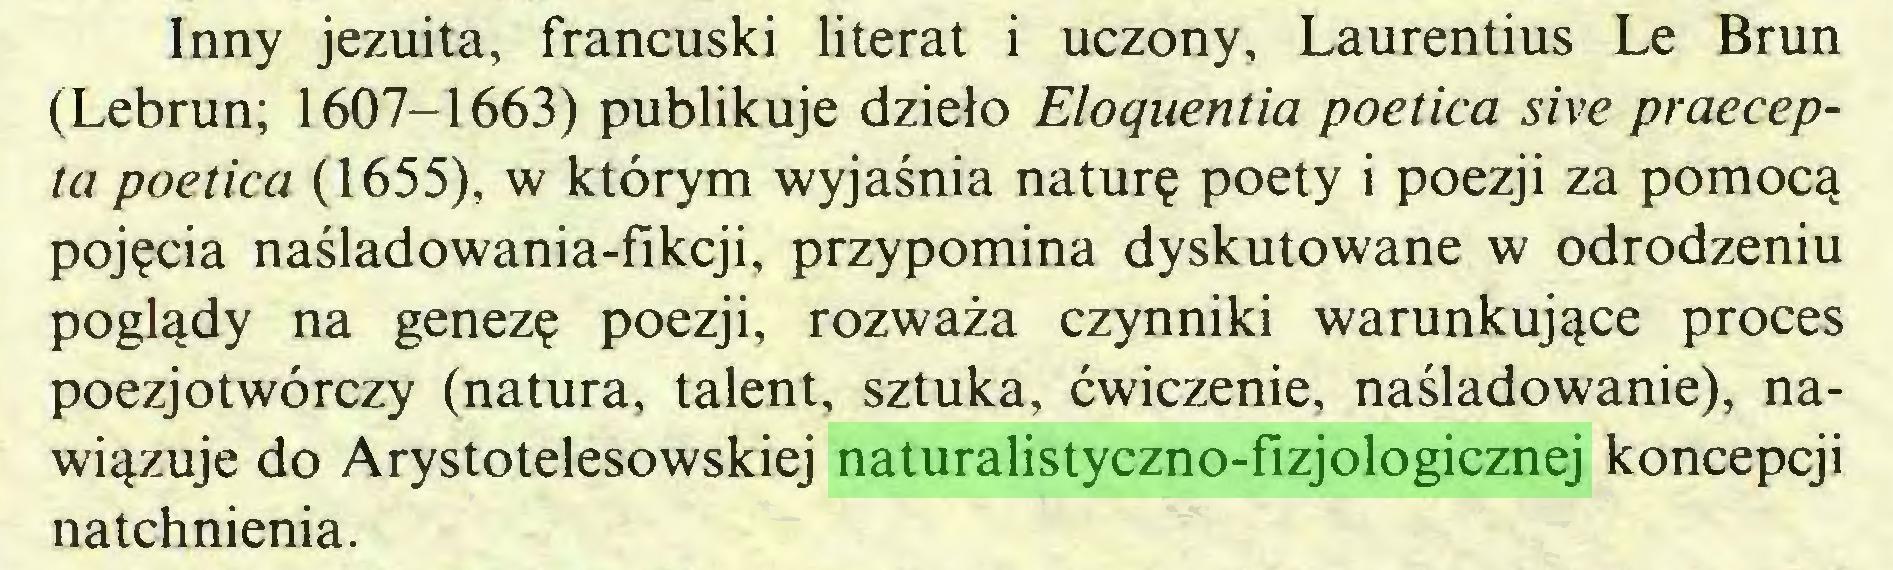 (...) Inny jezuita, francuski literat i uczony, Laurentius Le Brun (Lebrun; 1607-1663) publikuje dzieło Eloquentia poética sive praecepta poética (1655), w którym wyjaśnia naturę poety i poezji za pomocą pojęcia naśladowania-fikcji, przypomina dyskutowane w odrodzeniu poglądy na genezę poezji, rozważa czynniki warunkujące proces poezjotwórczy (natura, talent, sztuka, ćwiczenie, naśladowanie), nawiązuje do Arystotelesowskiej naturalistyczno-fizjologicznej koncepcji natchnienia...